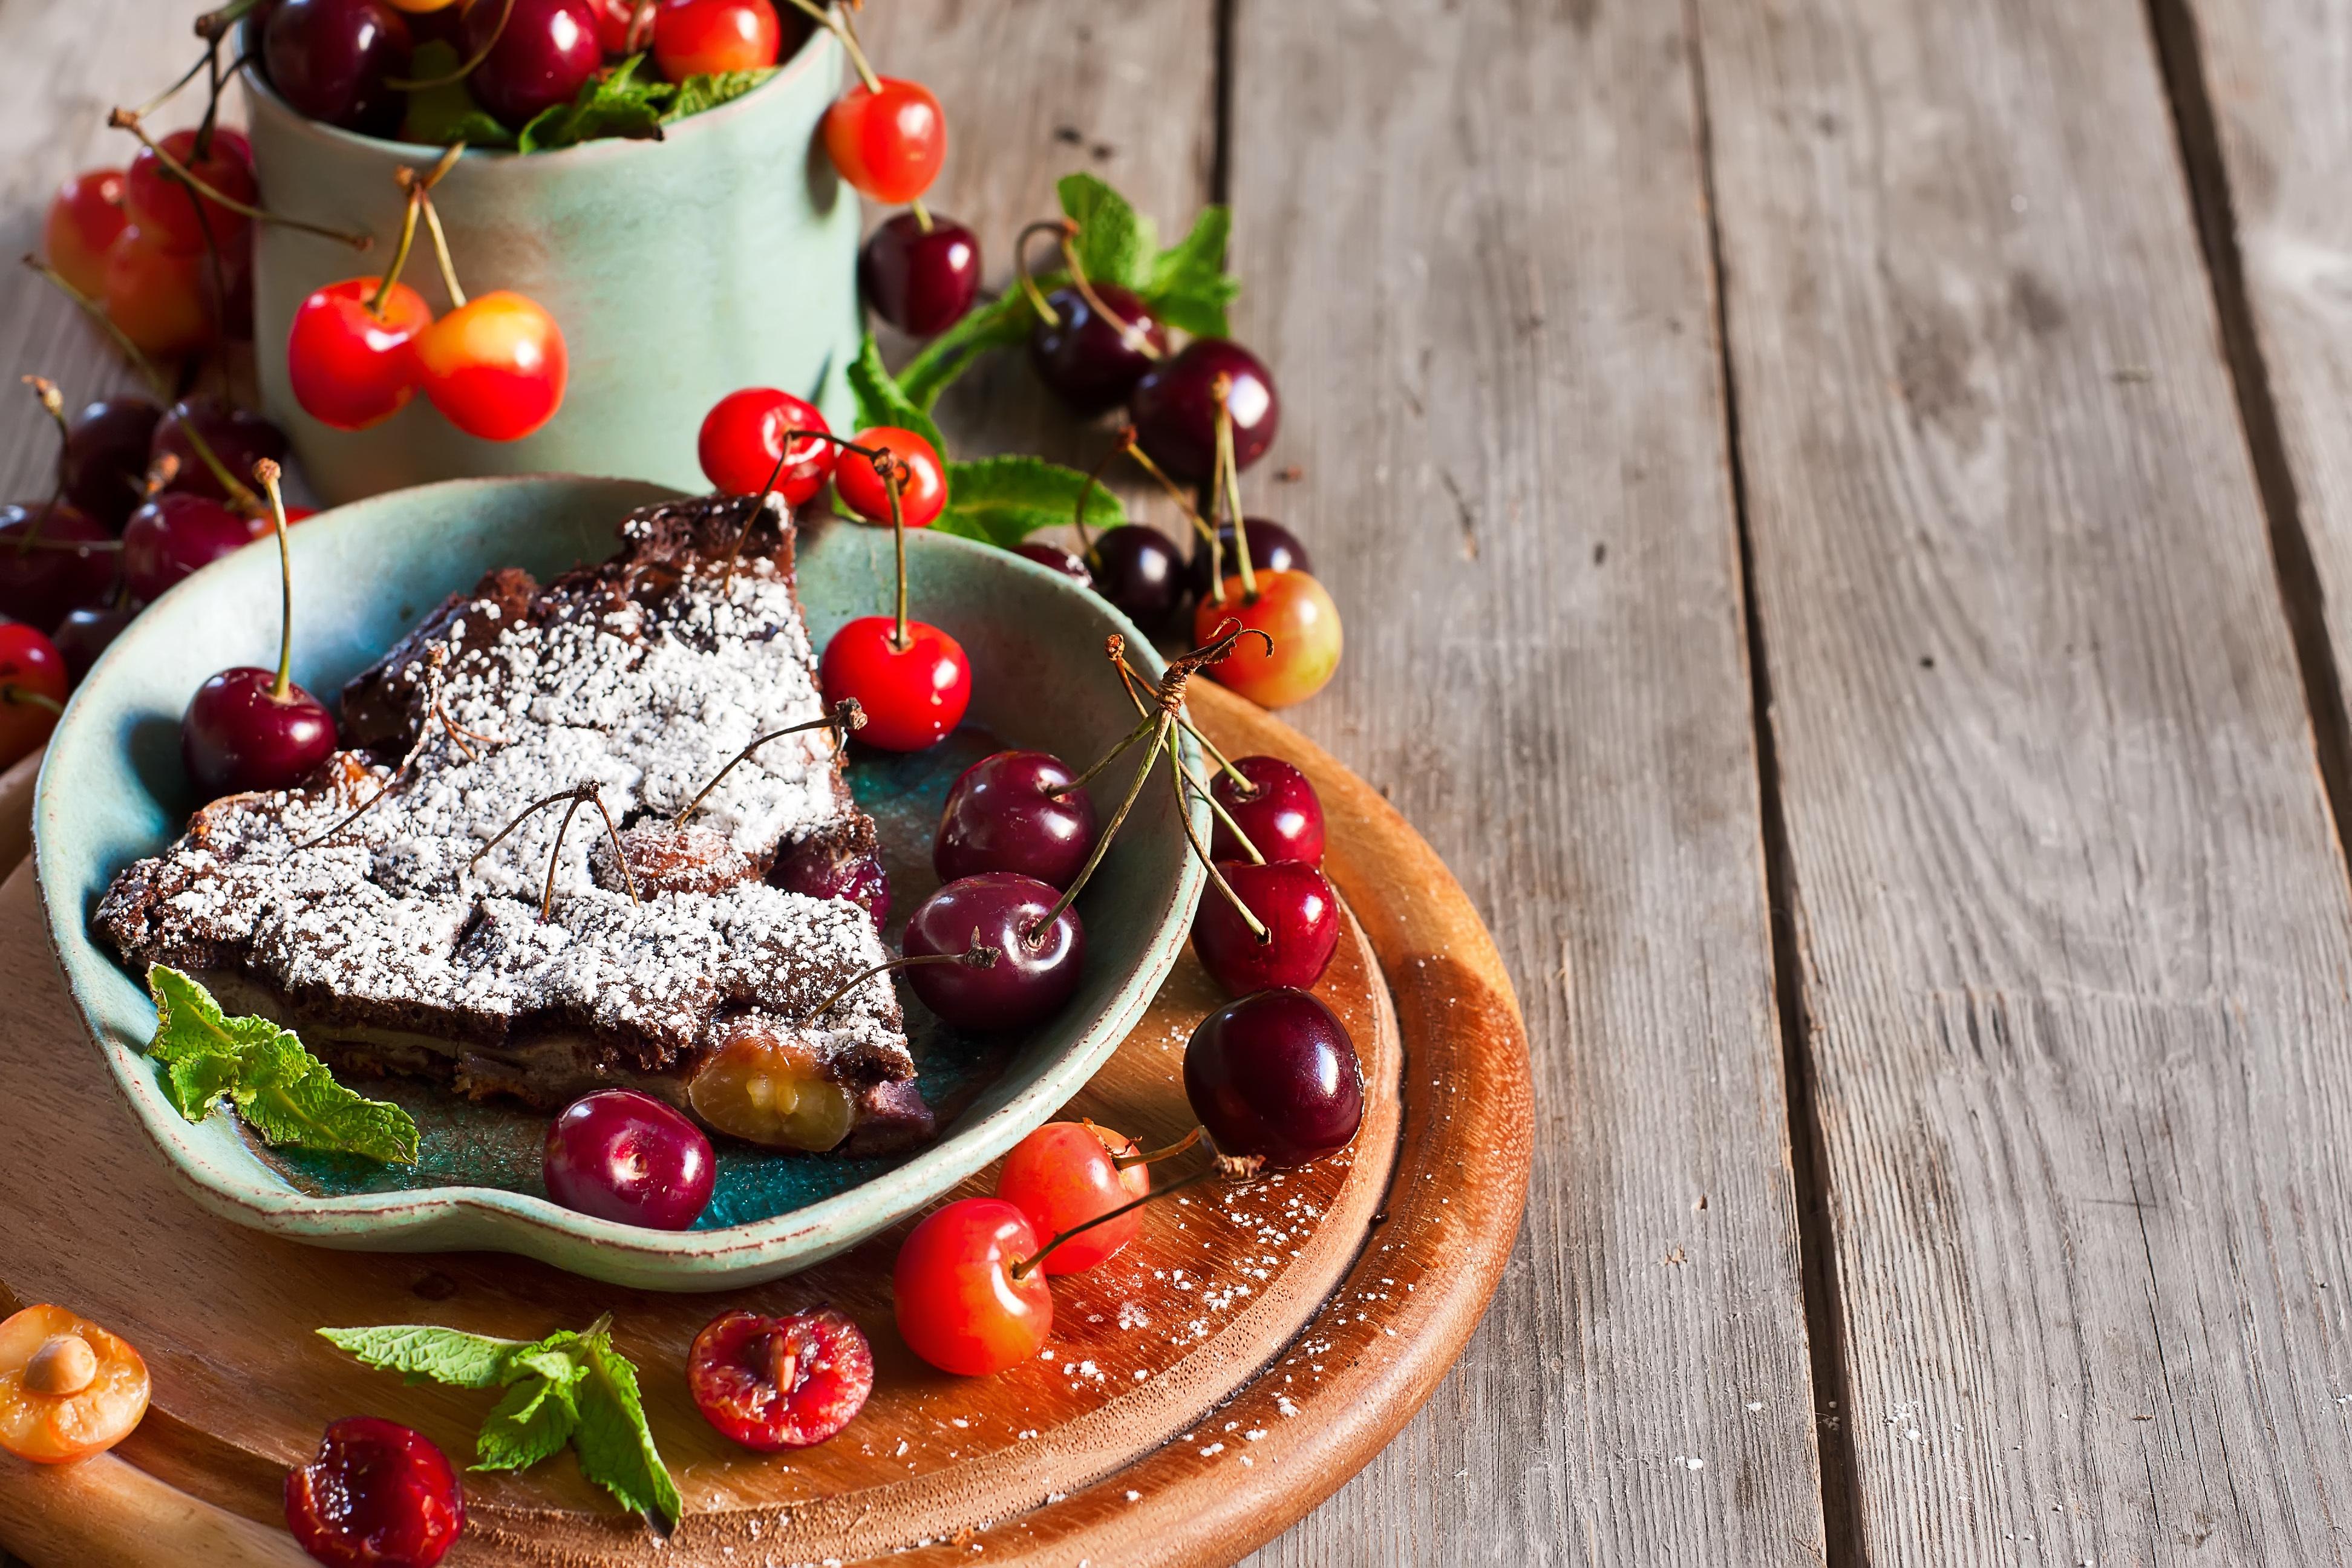 еда чай пирожные виноград  № 377947 бесплатно